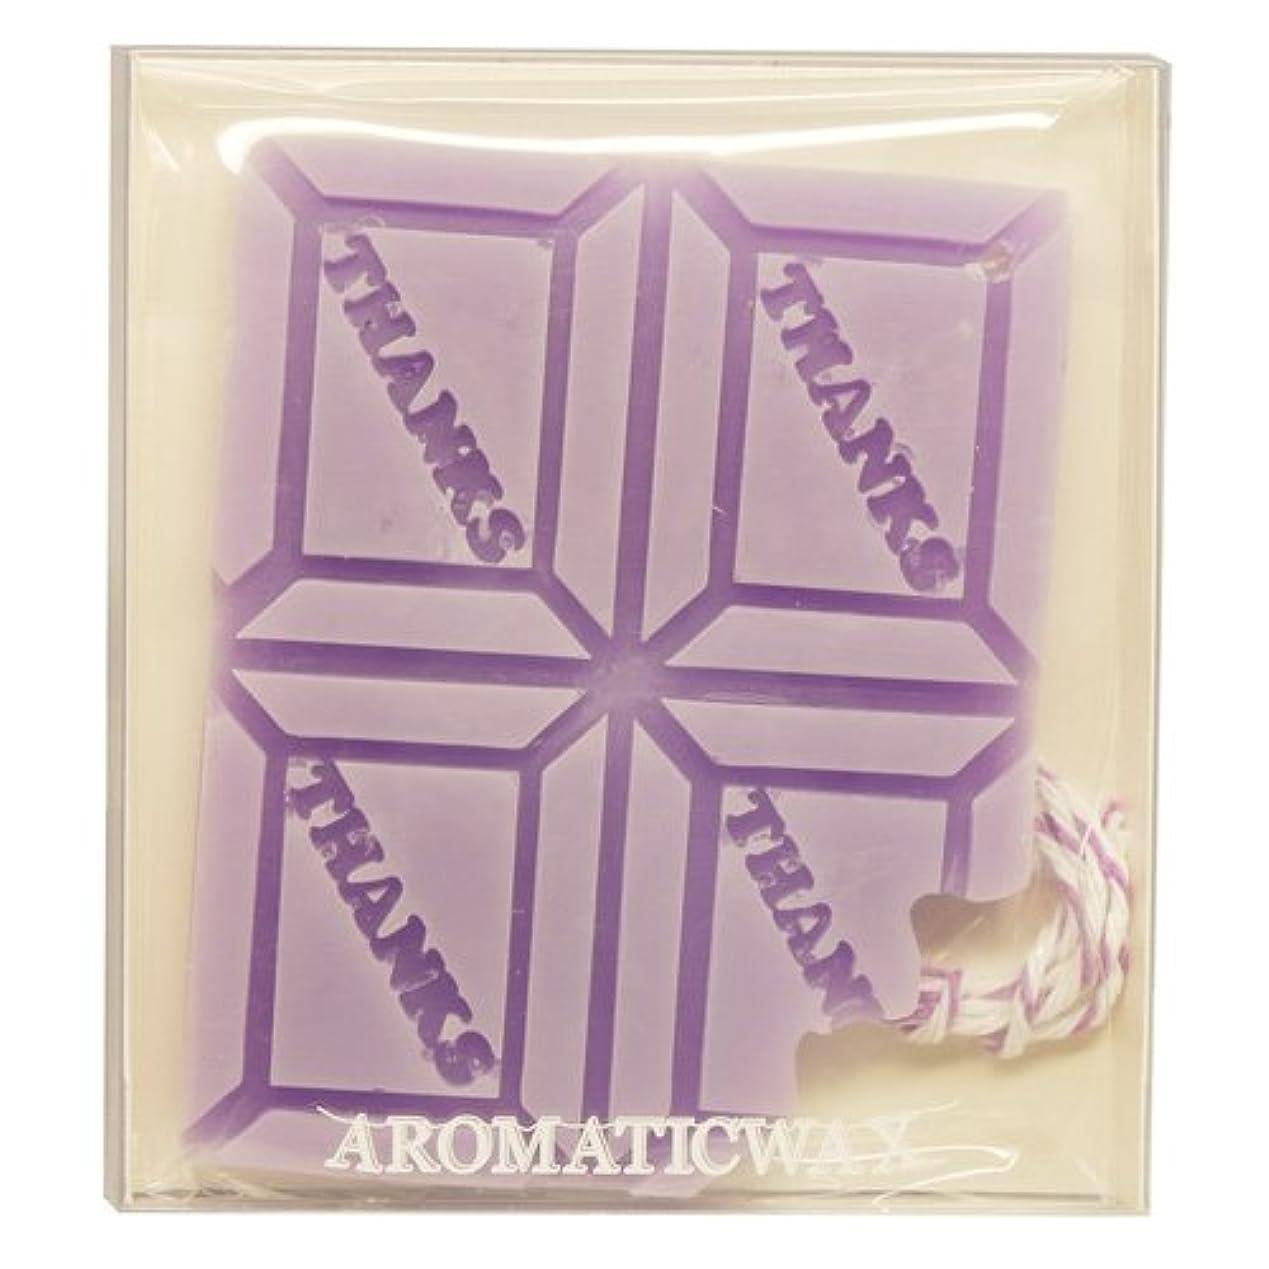 誓いエステートクラウドGRASSE TOKYO AROMATICWAXチャーム「板チョコ(THANKS)」(PU) ラベンダー アロマティックワックス グラーストウキョウ